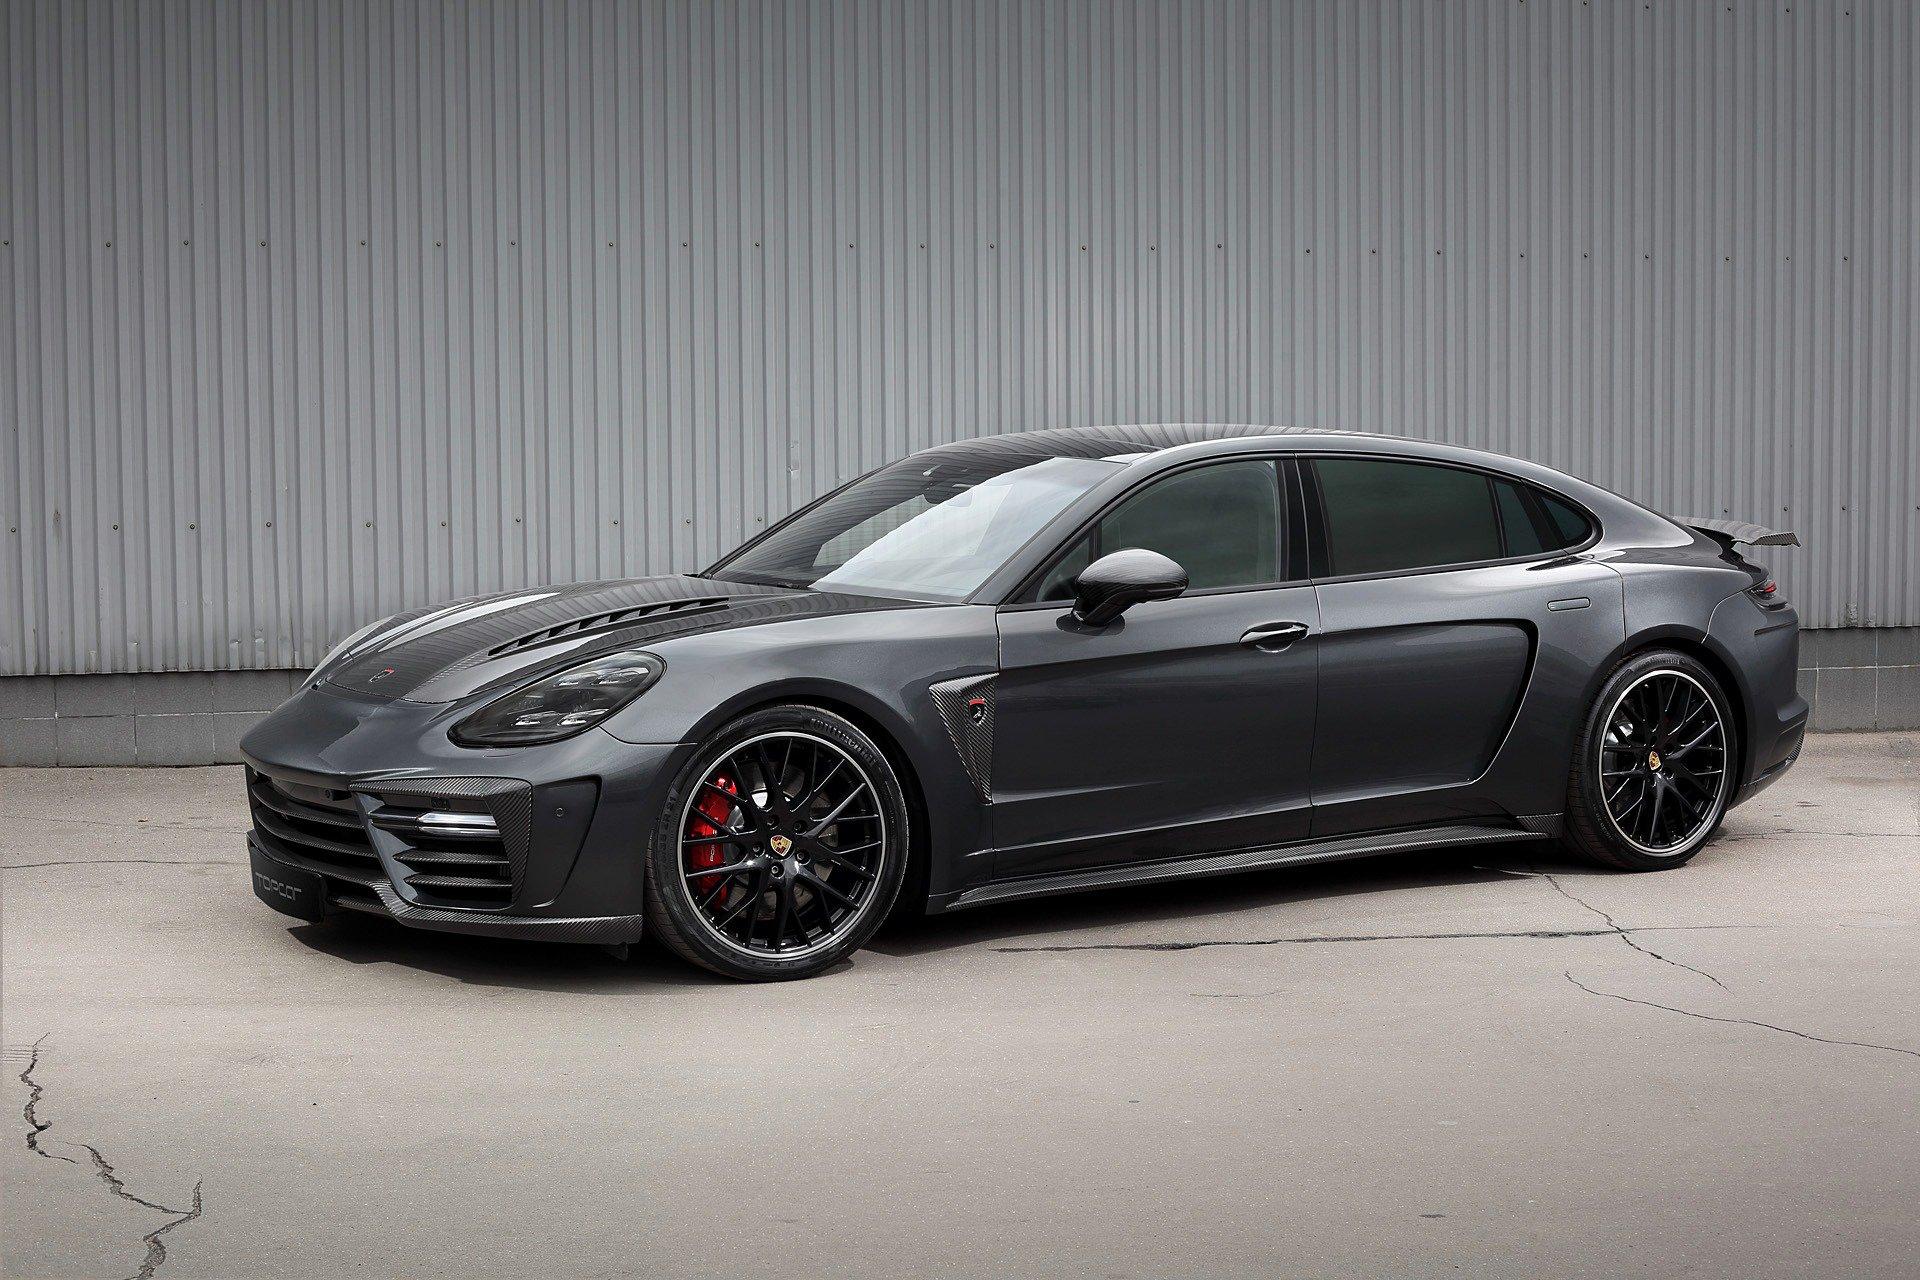 Porsche-Panamera-LWB-by-TopCar-3